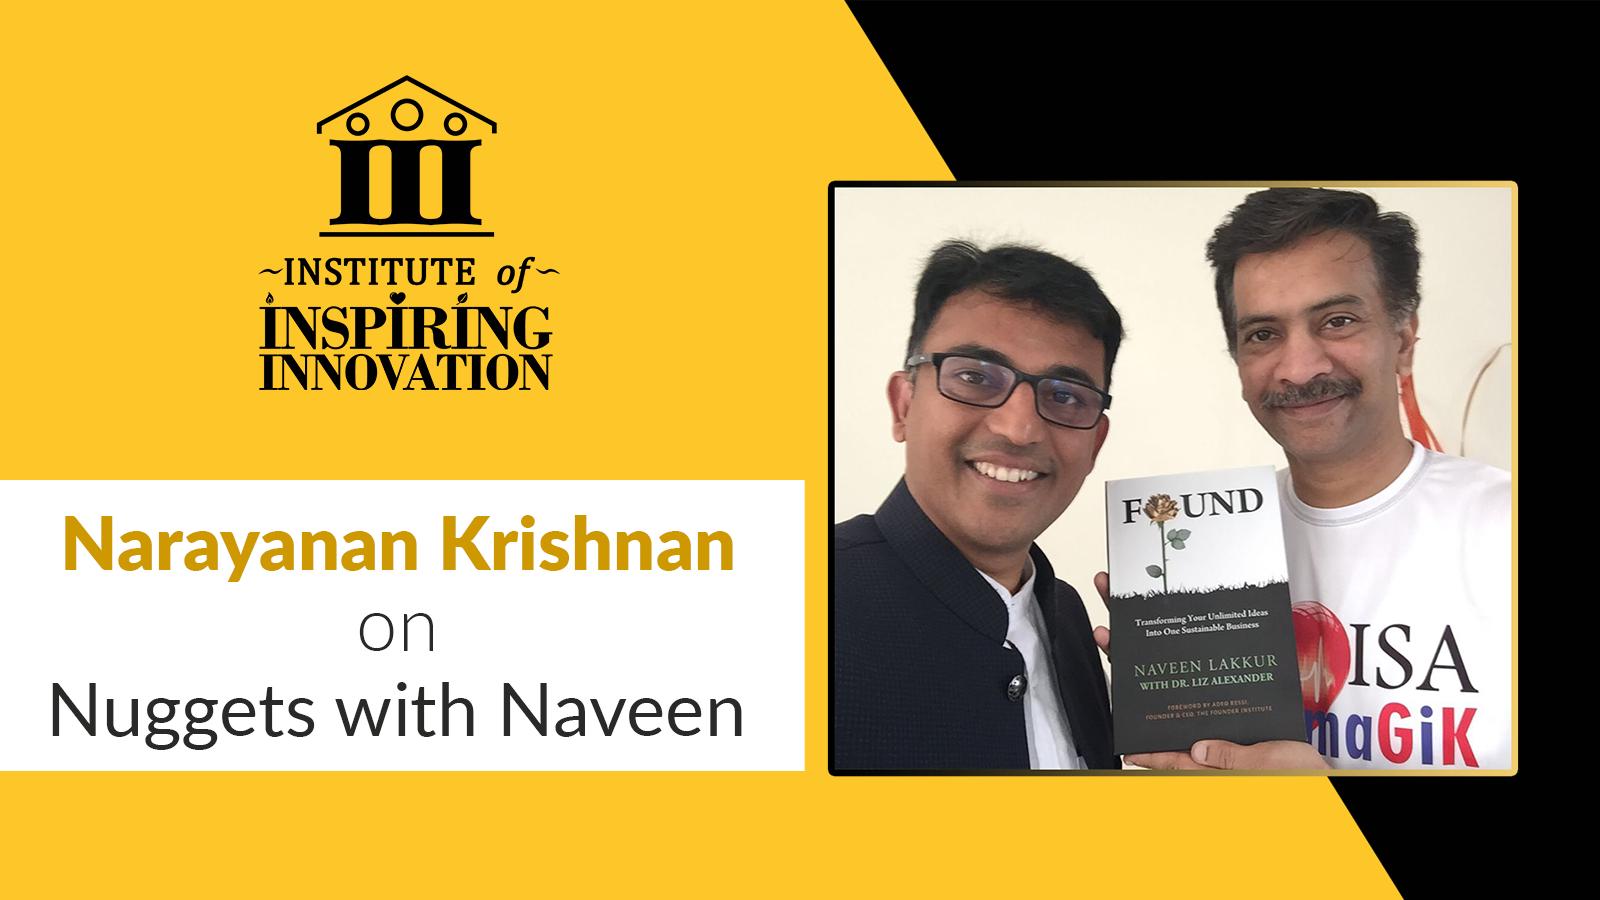 Narayanan Krishnan On Nuggets with Naveen